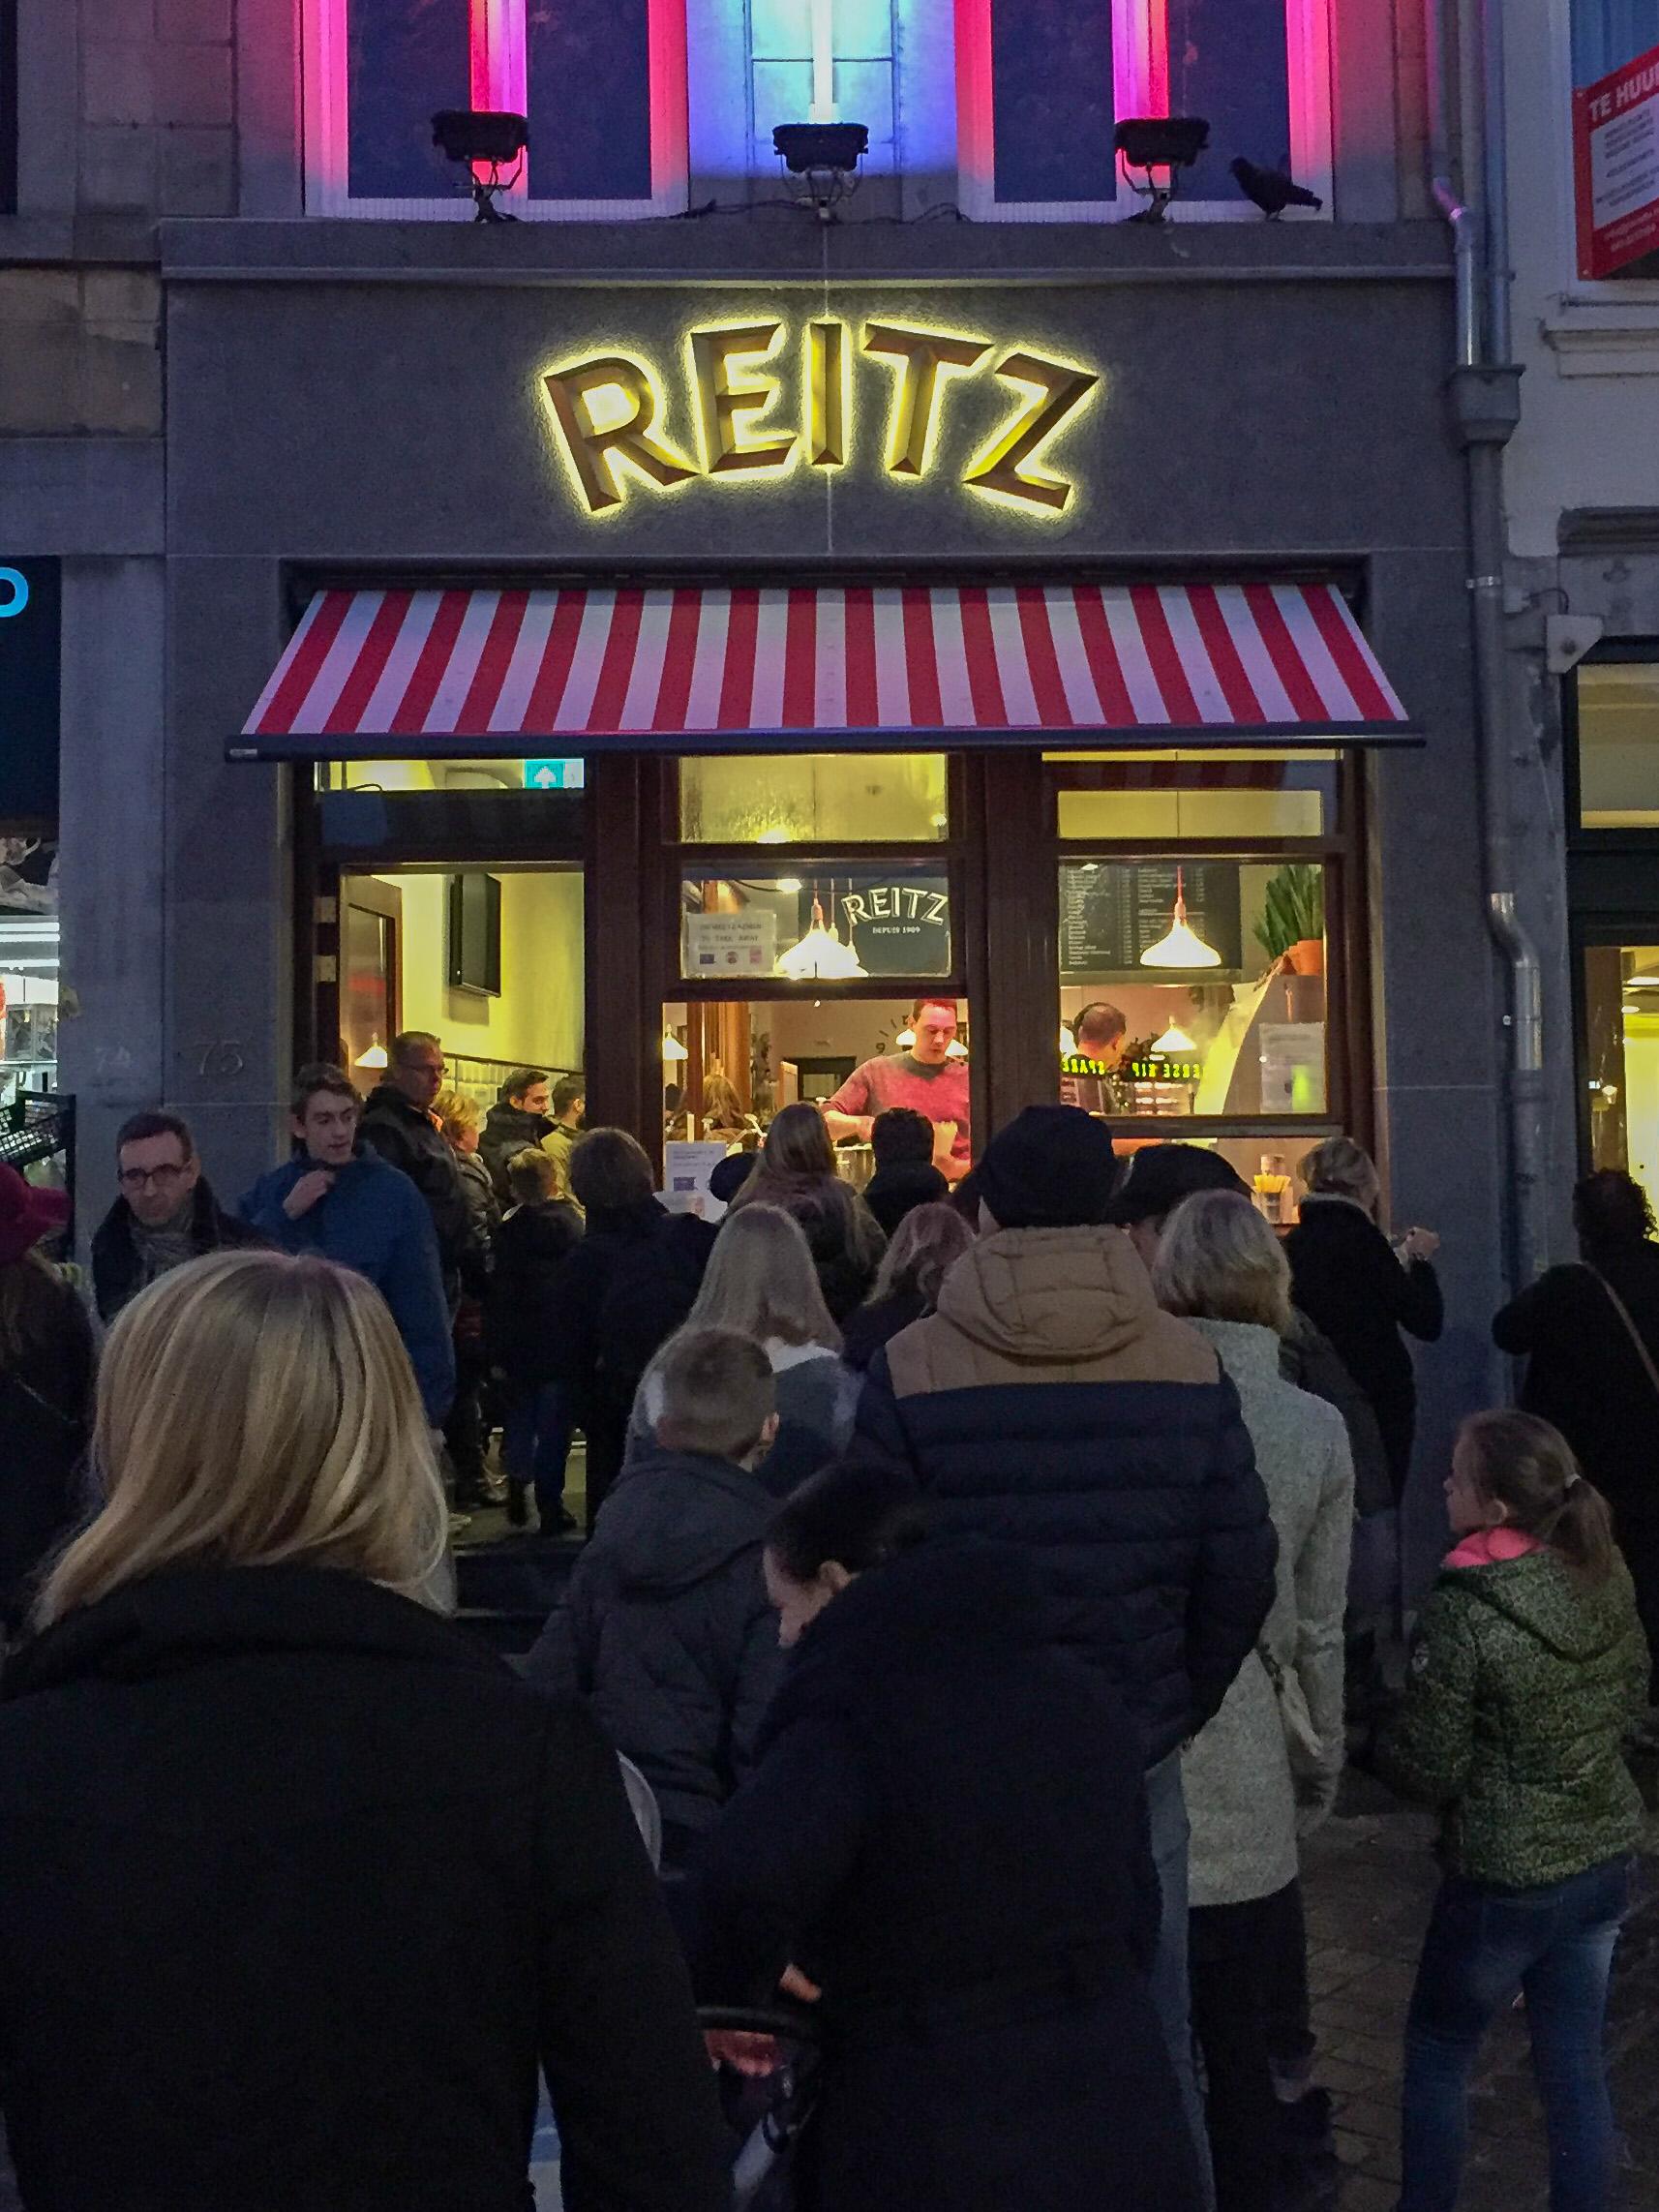 Die Fritture Reitz in Maastricht ist die älteste Frittenbude der Niederlande